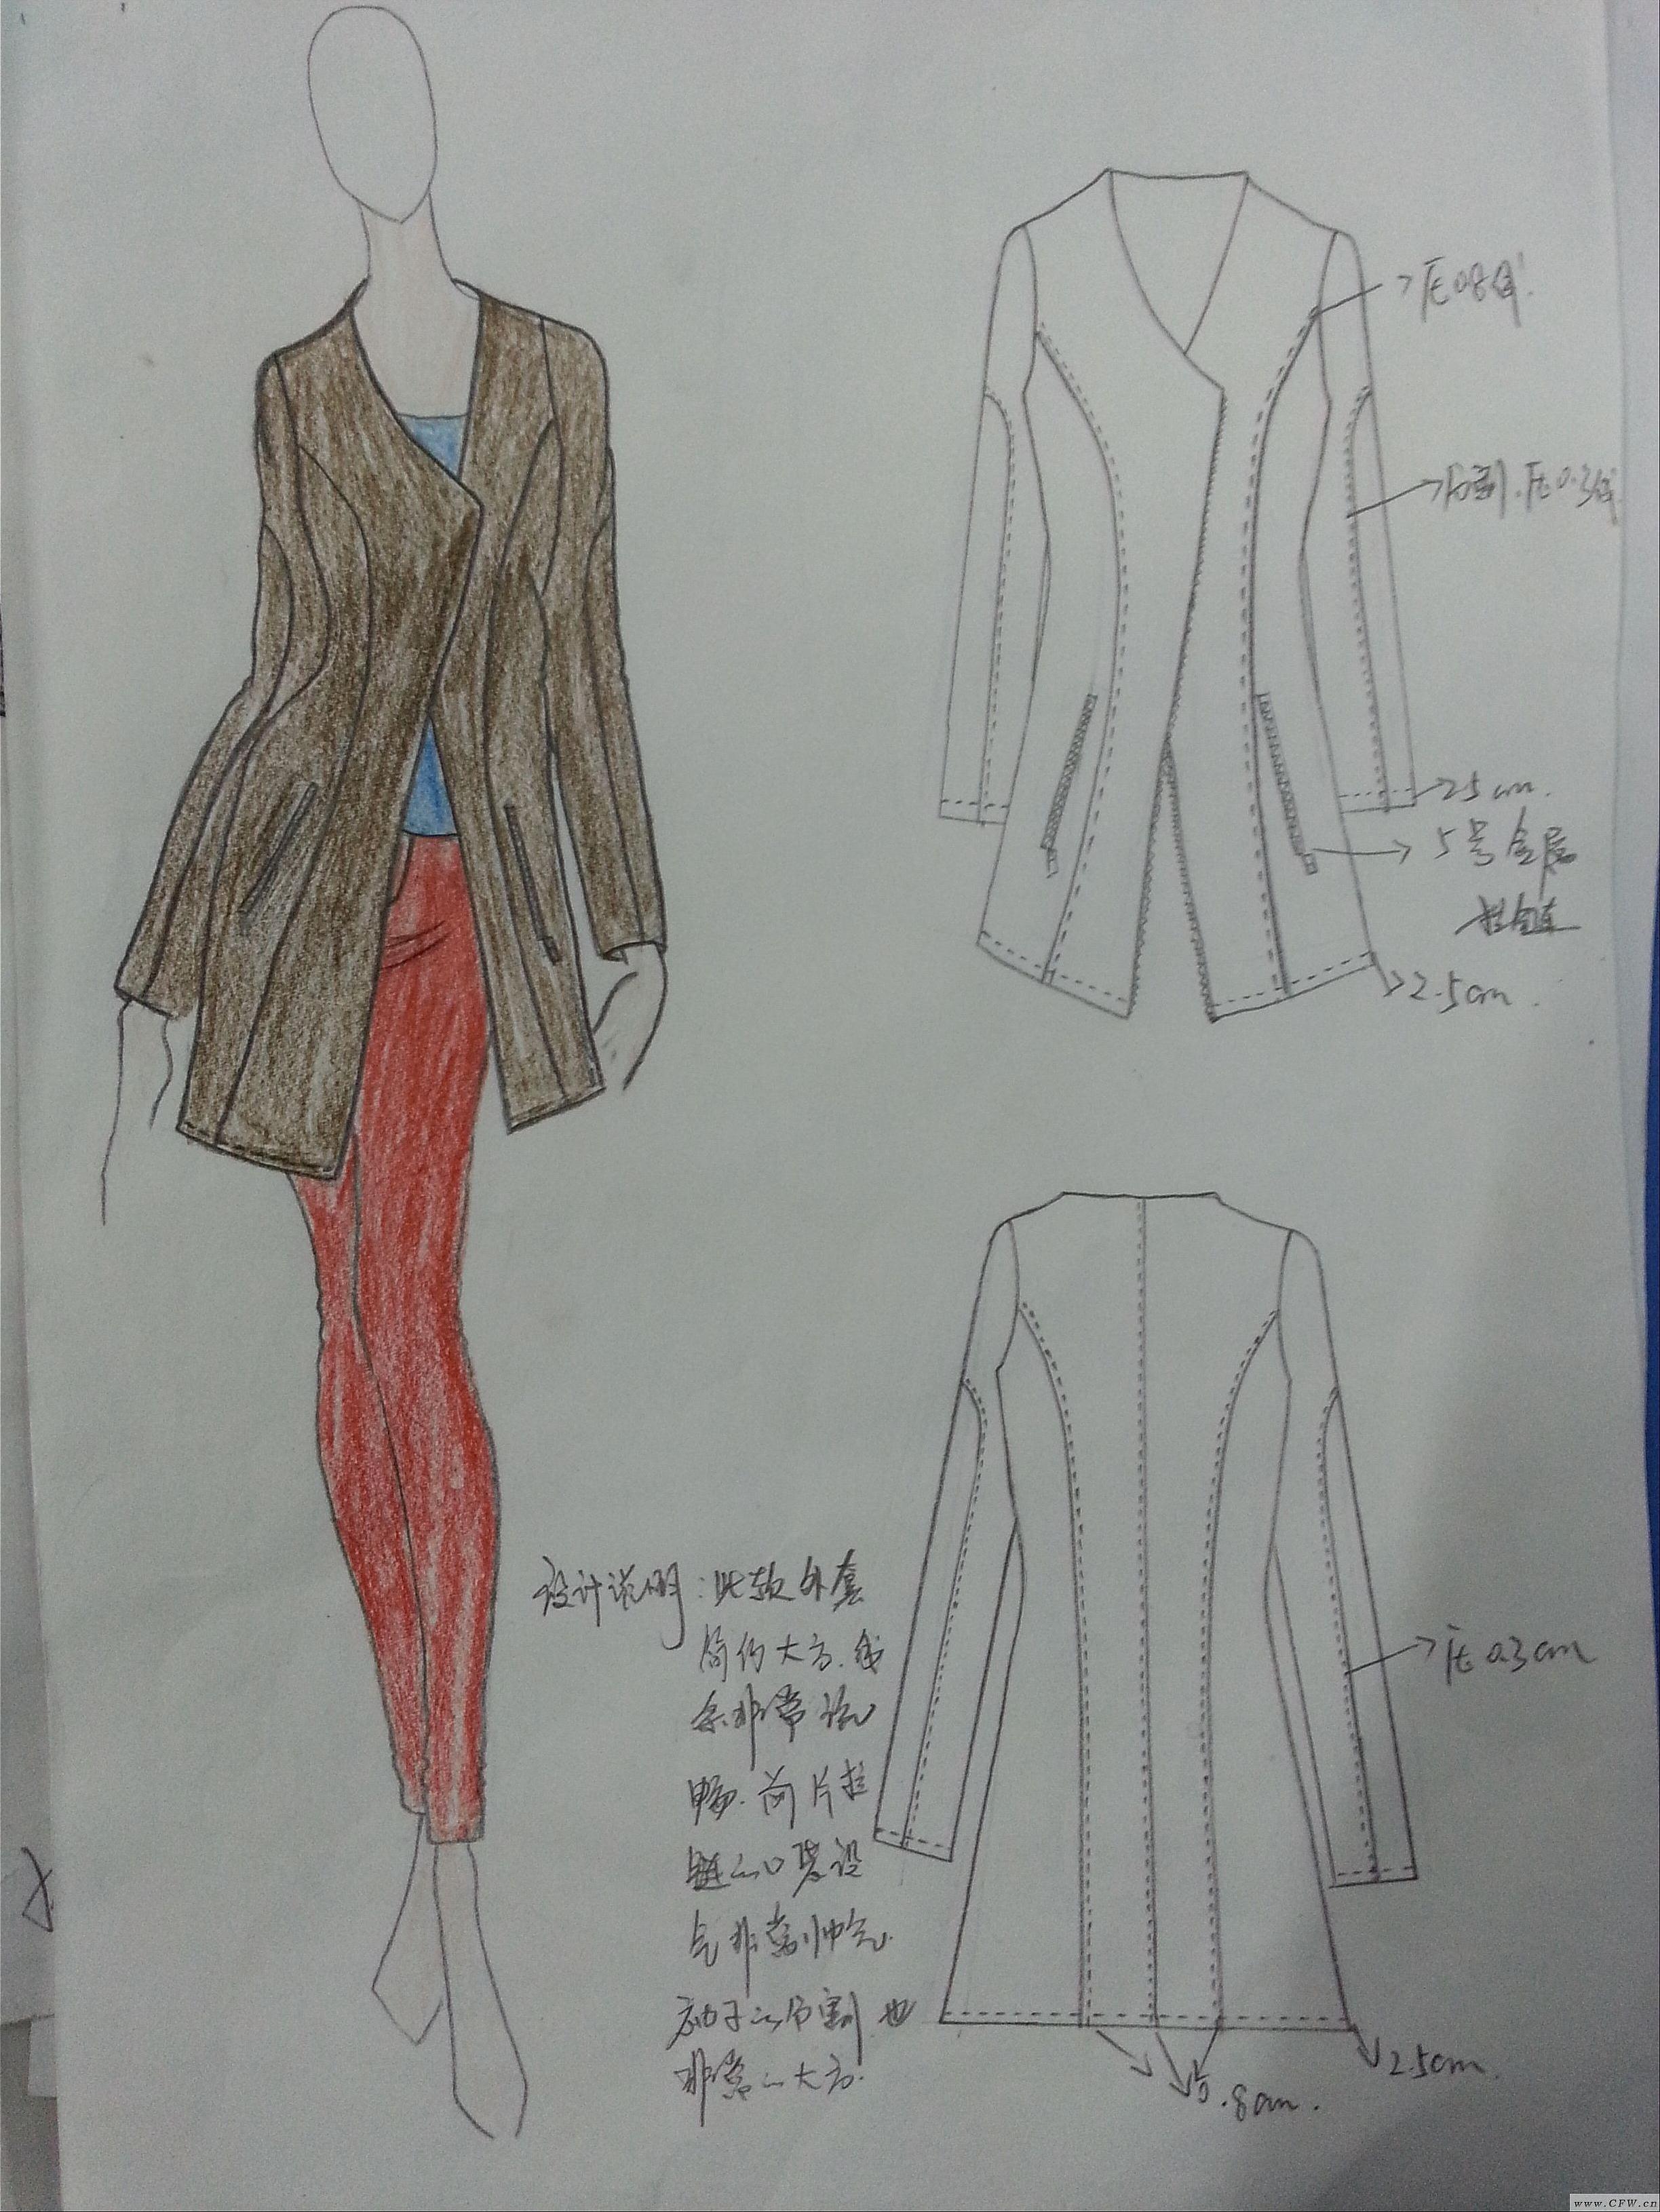 服装袖子结构图